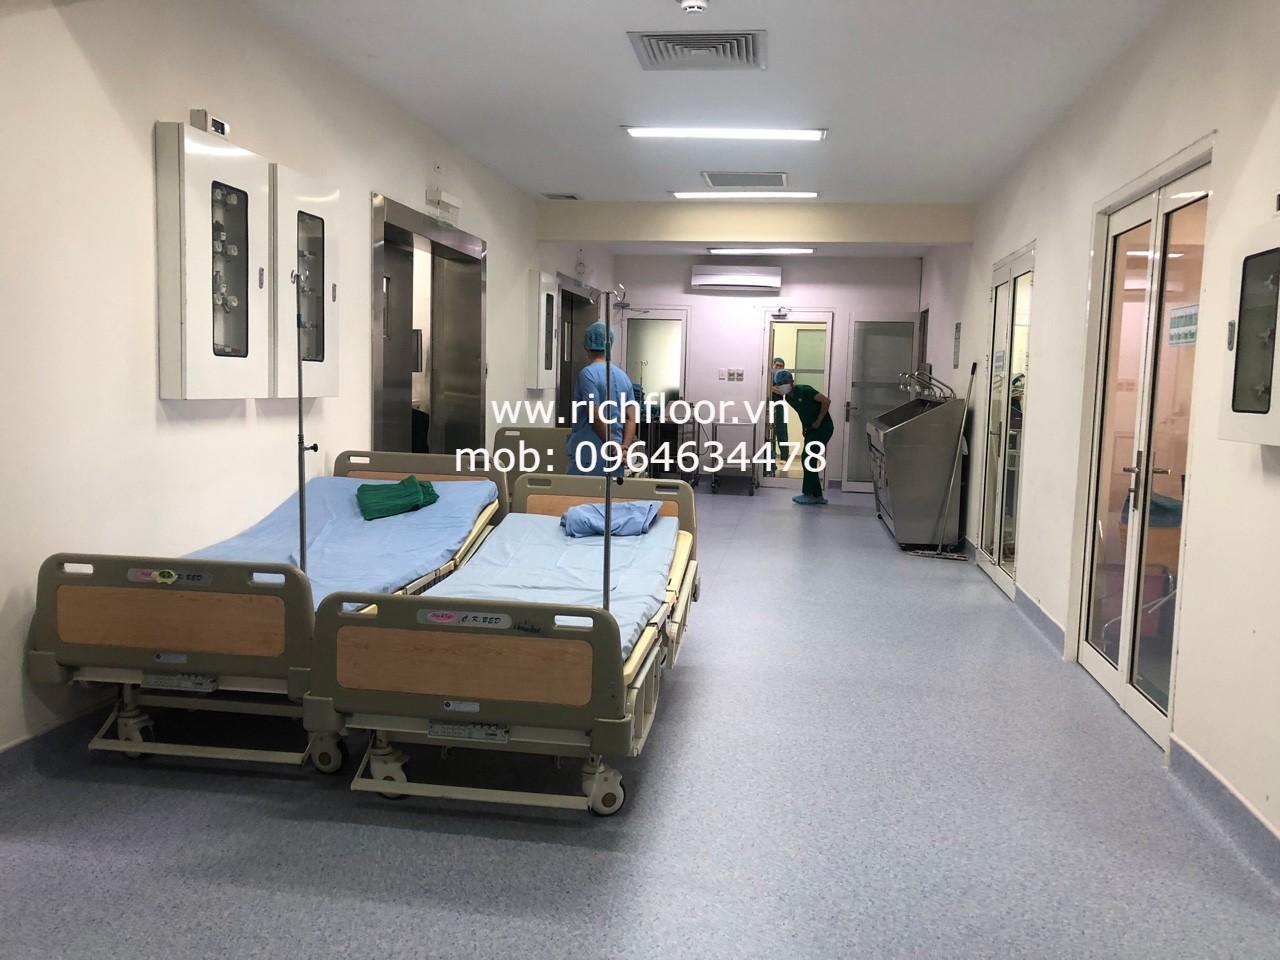 sàn lát bệnh viện